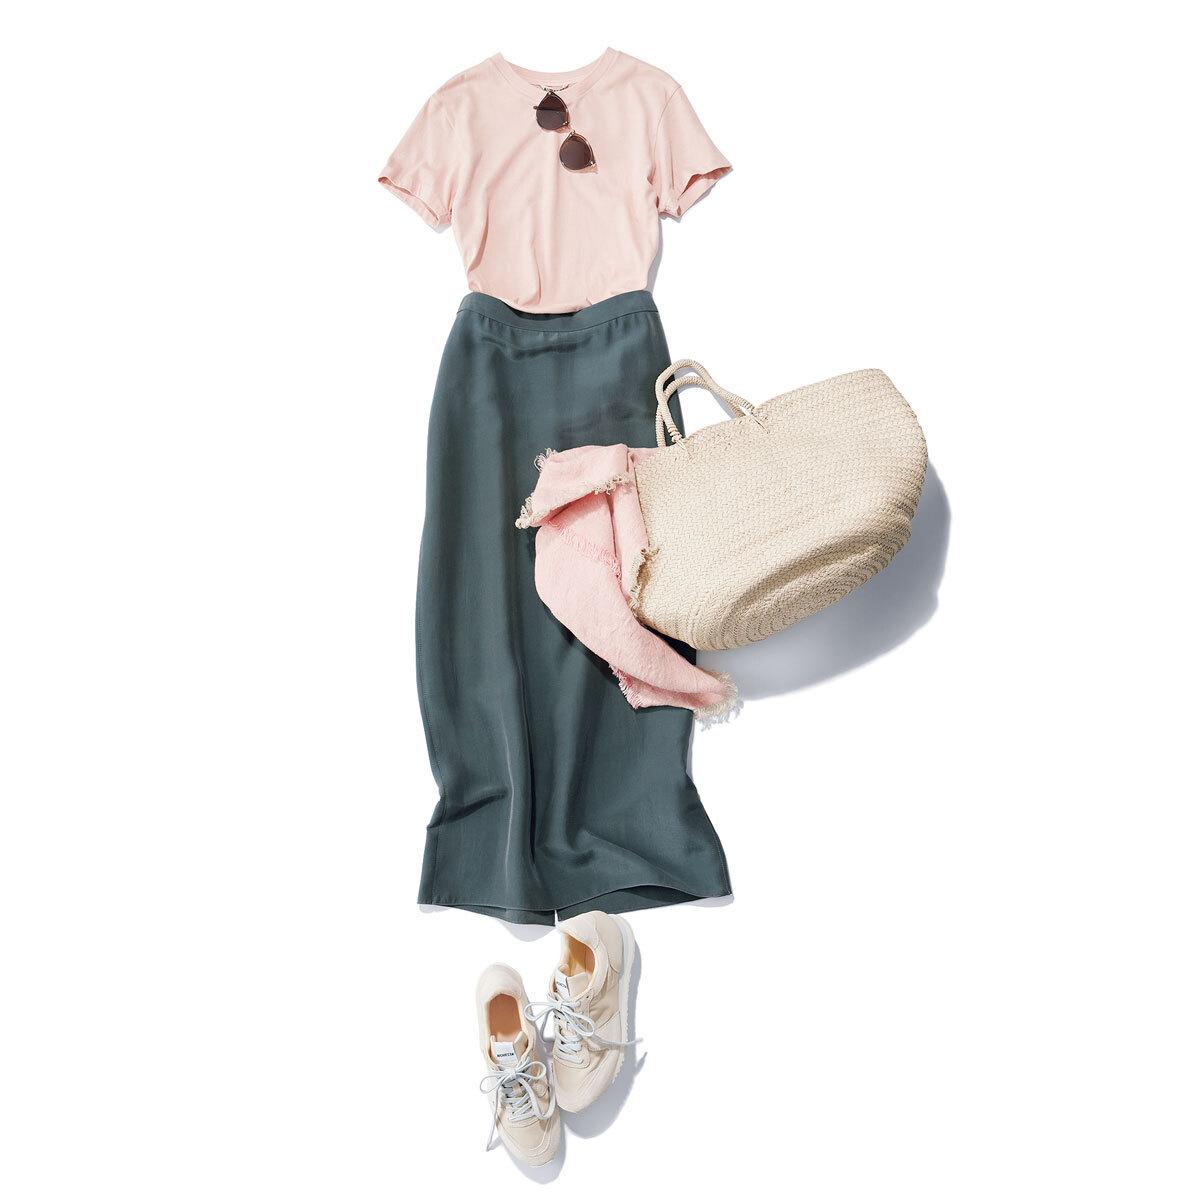 柔らかなライトピンクのTシャツは ×グレーで甘さを調節